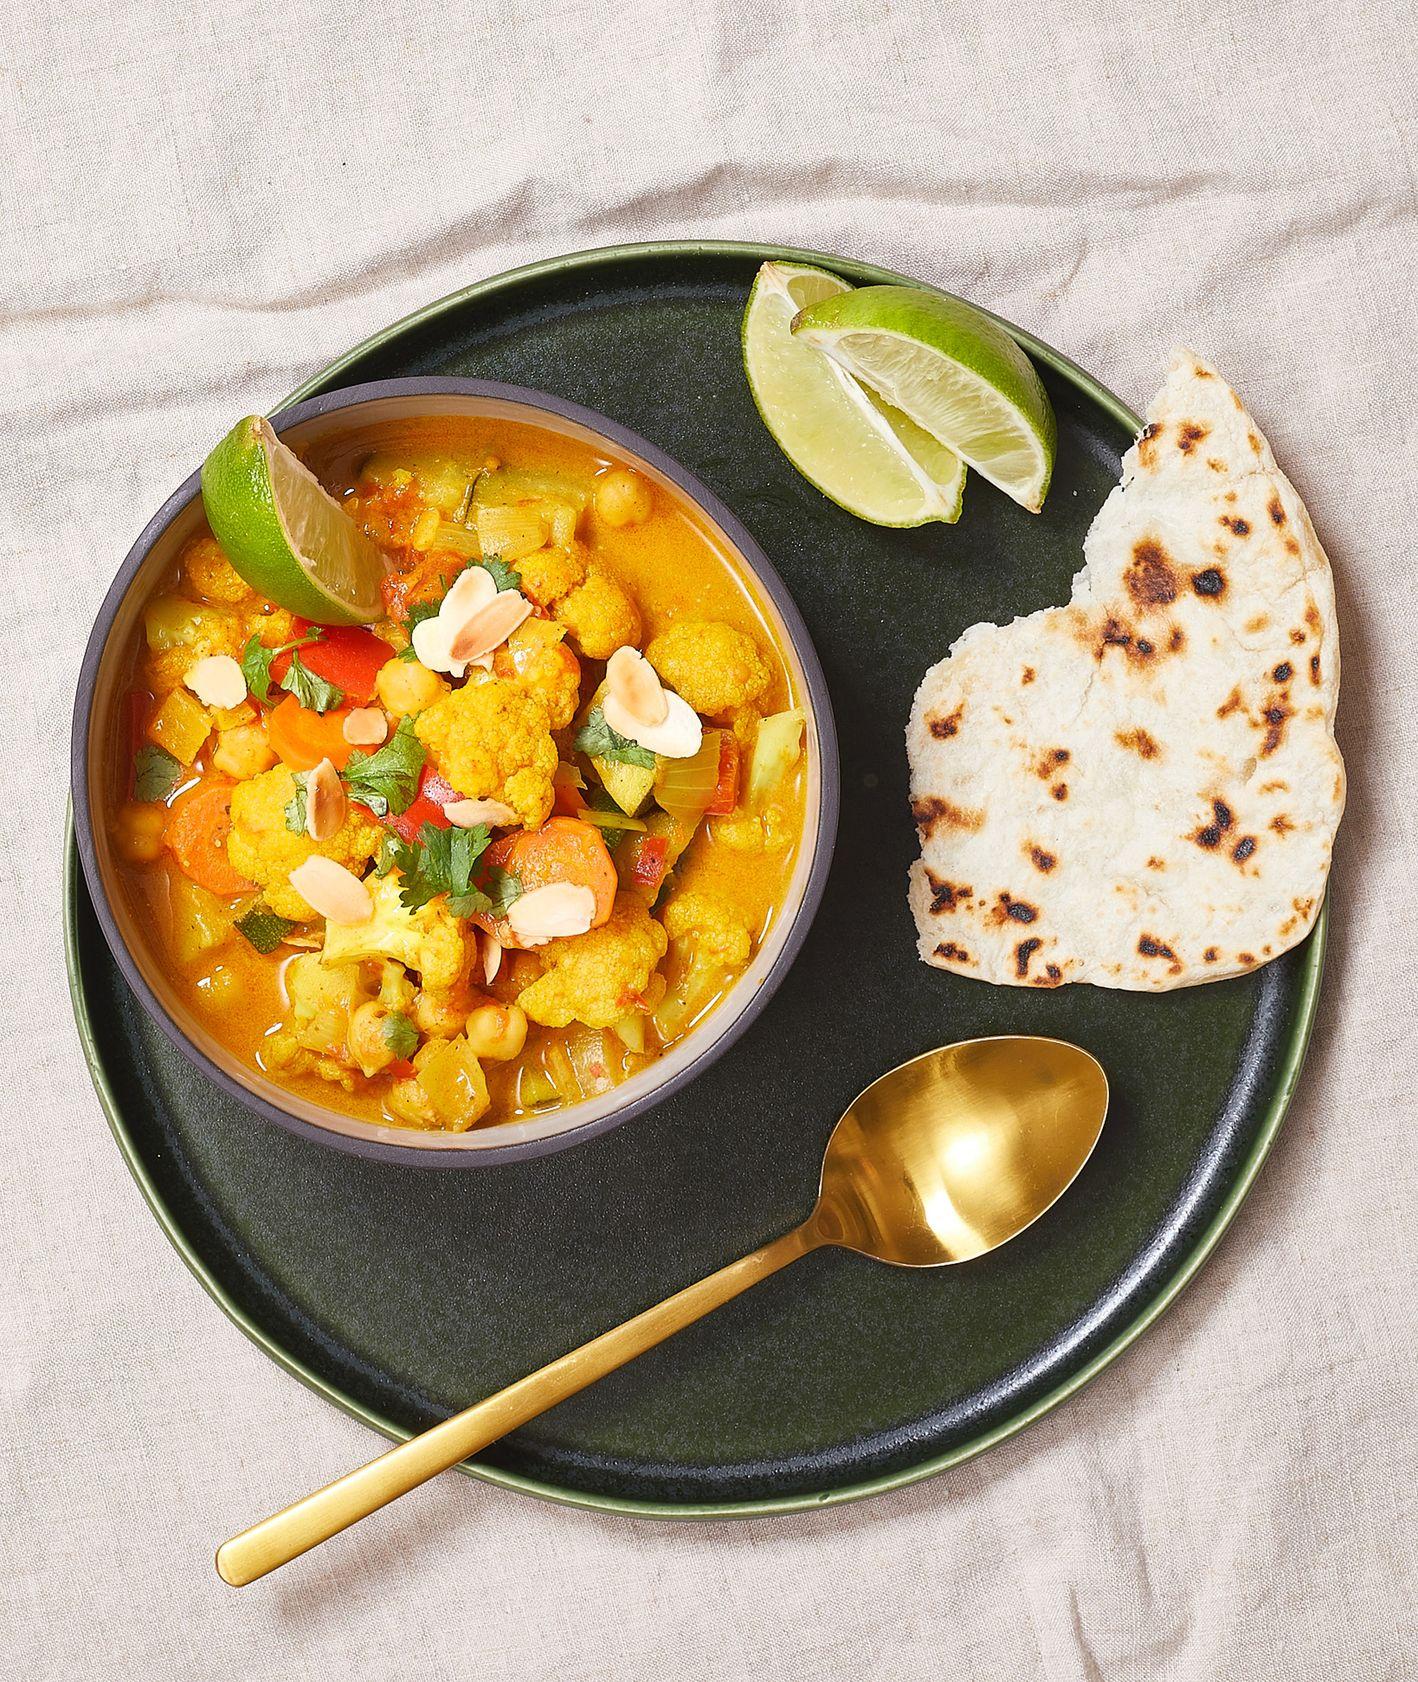 Curry z warzywami z plackami smażonymi na patelni (fot. Maciek Niemojewski)